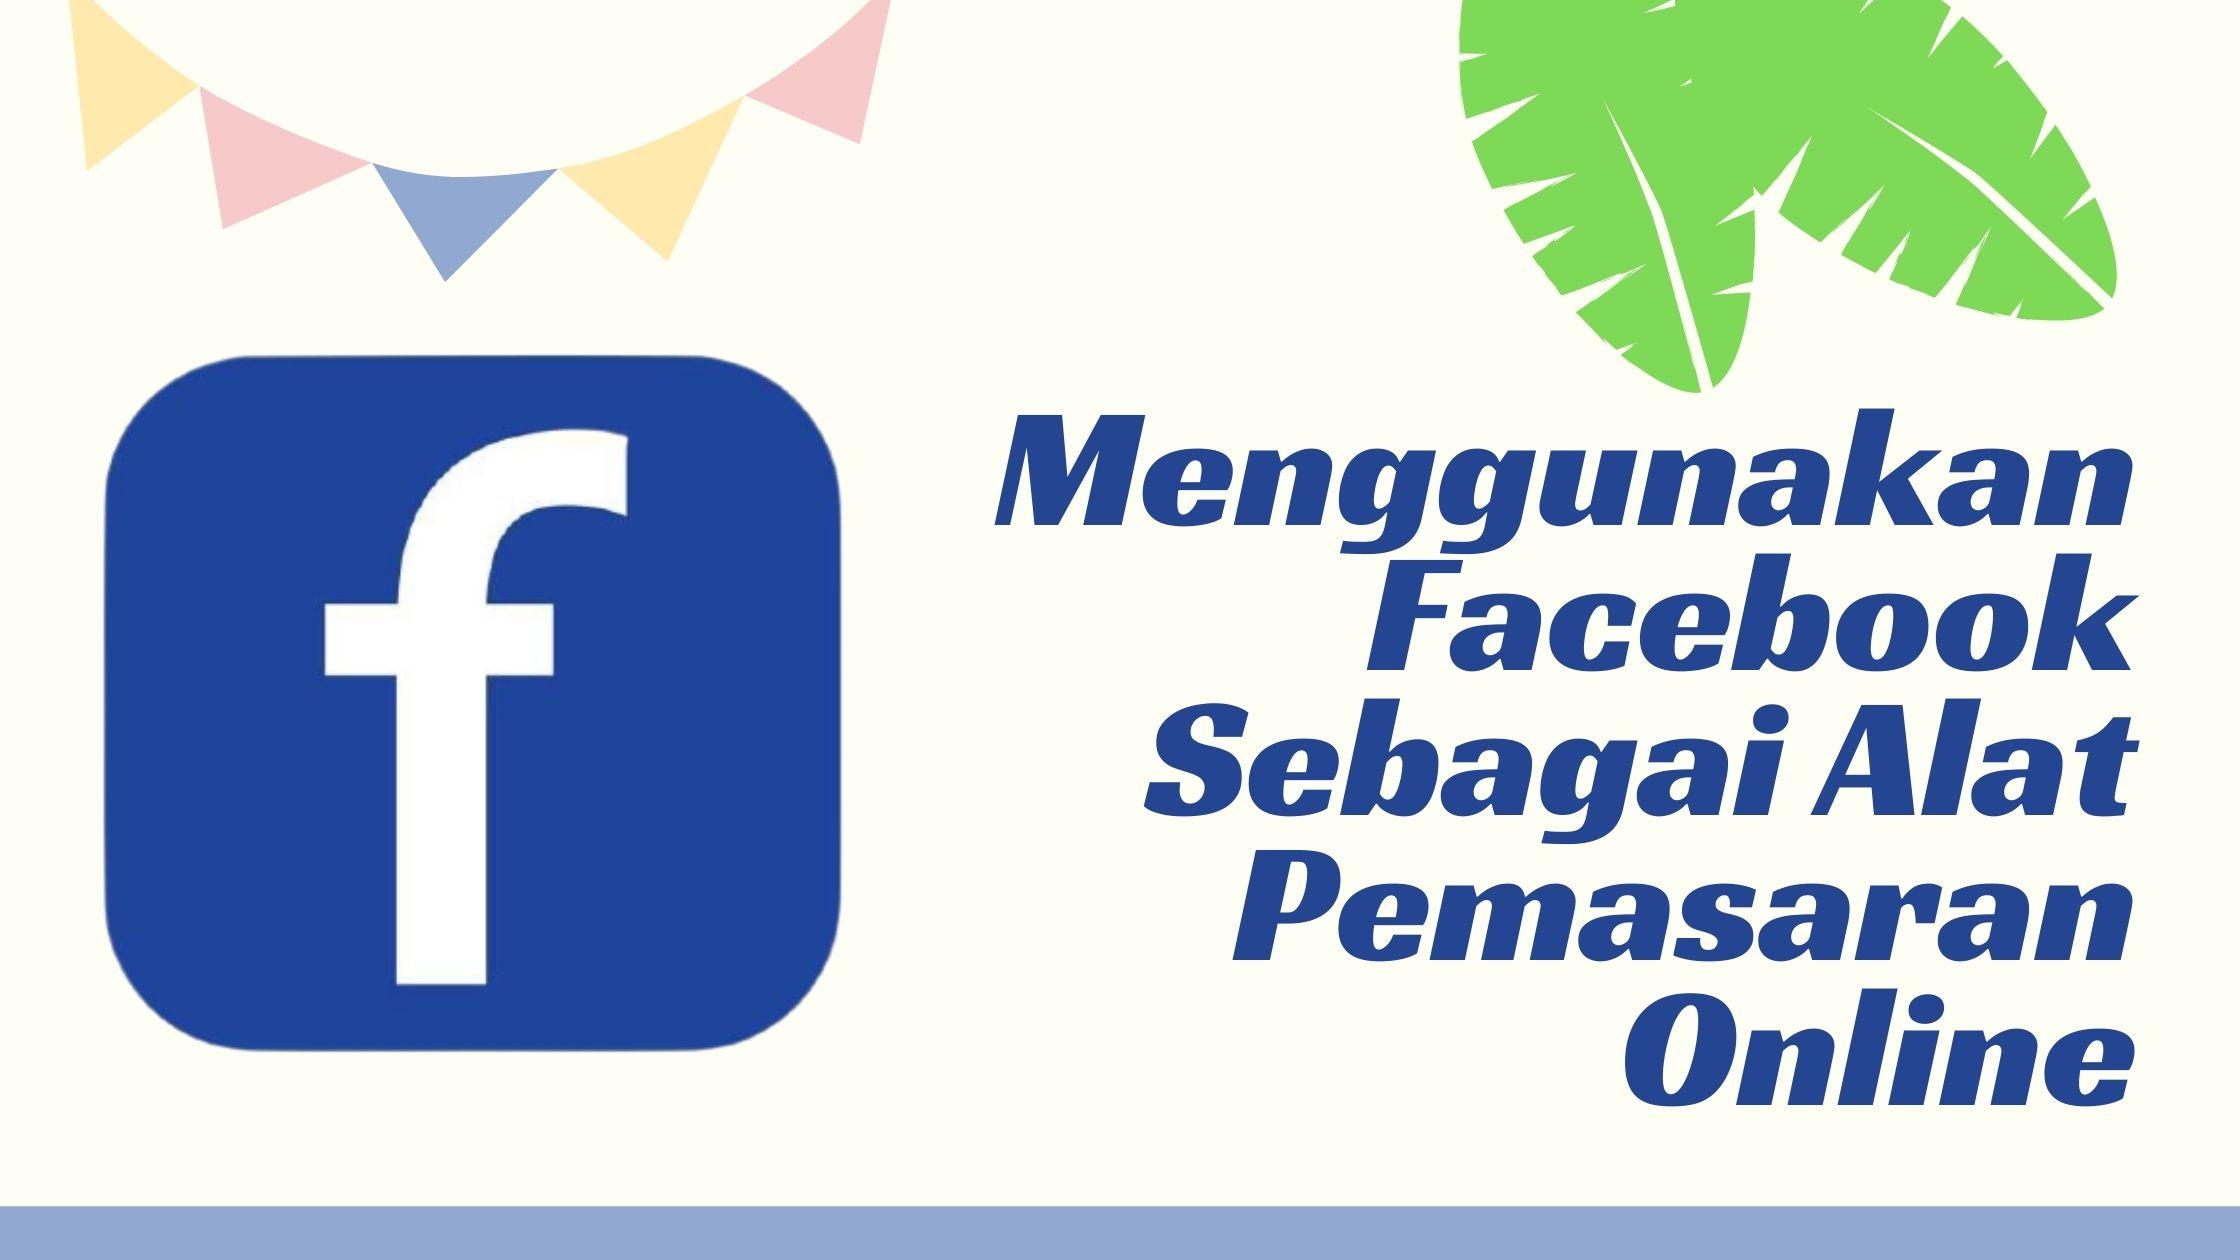 Menggunakan Facebook sebagai alat pemasaran online